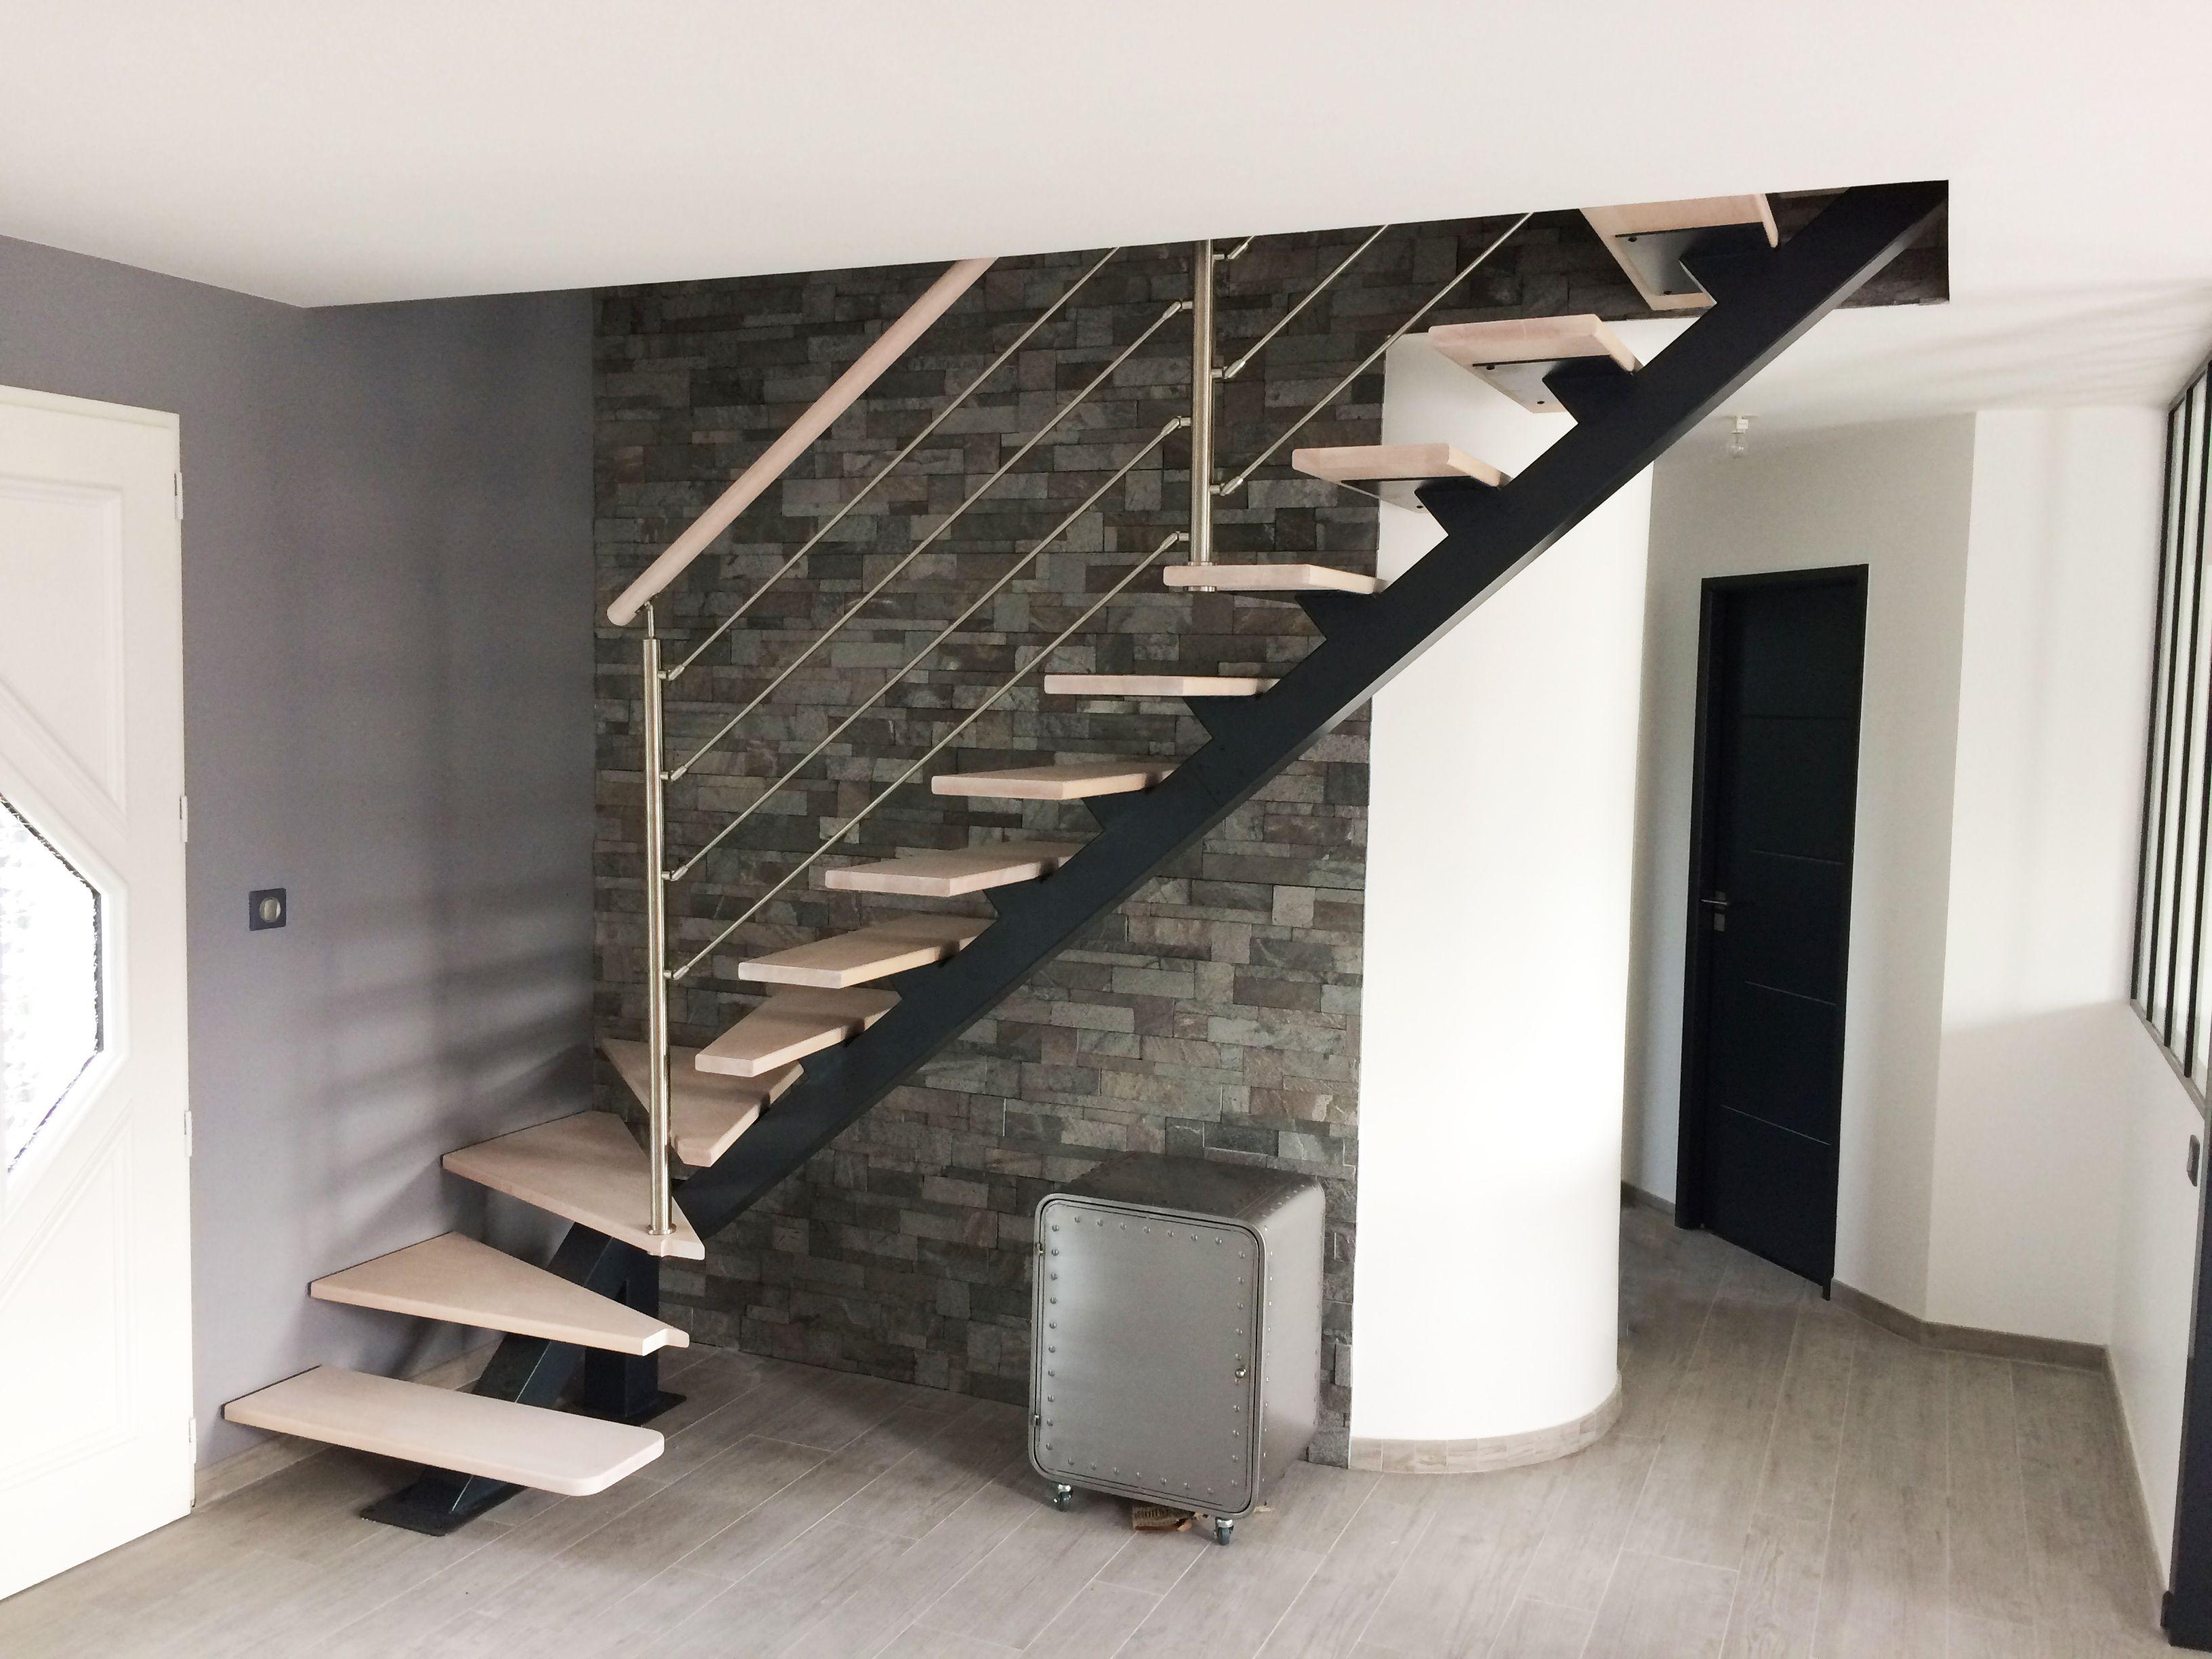 Escalier Metallique Et Bois Style Industriel Escalier Quart